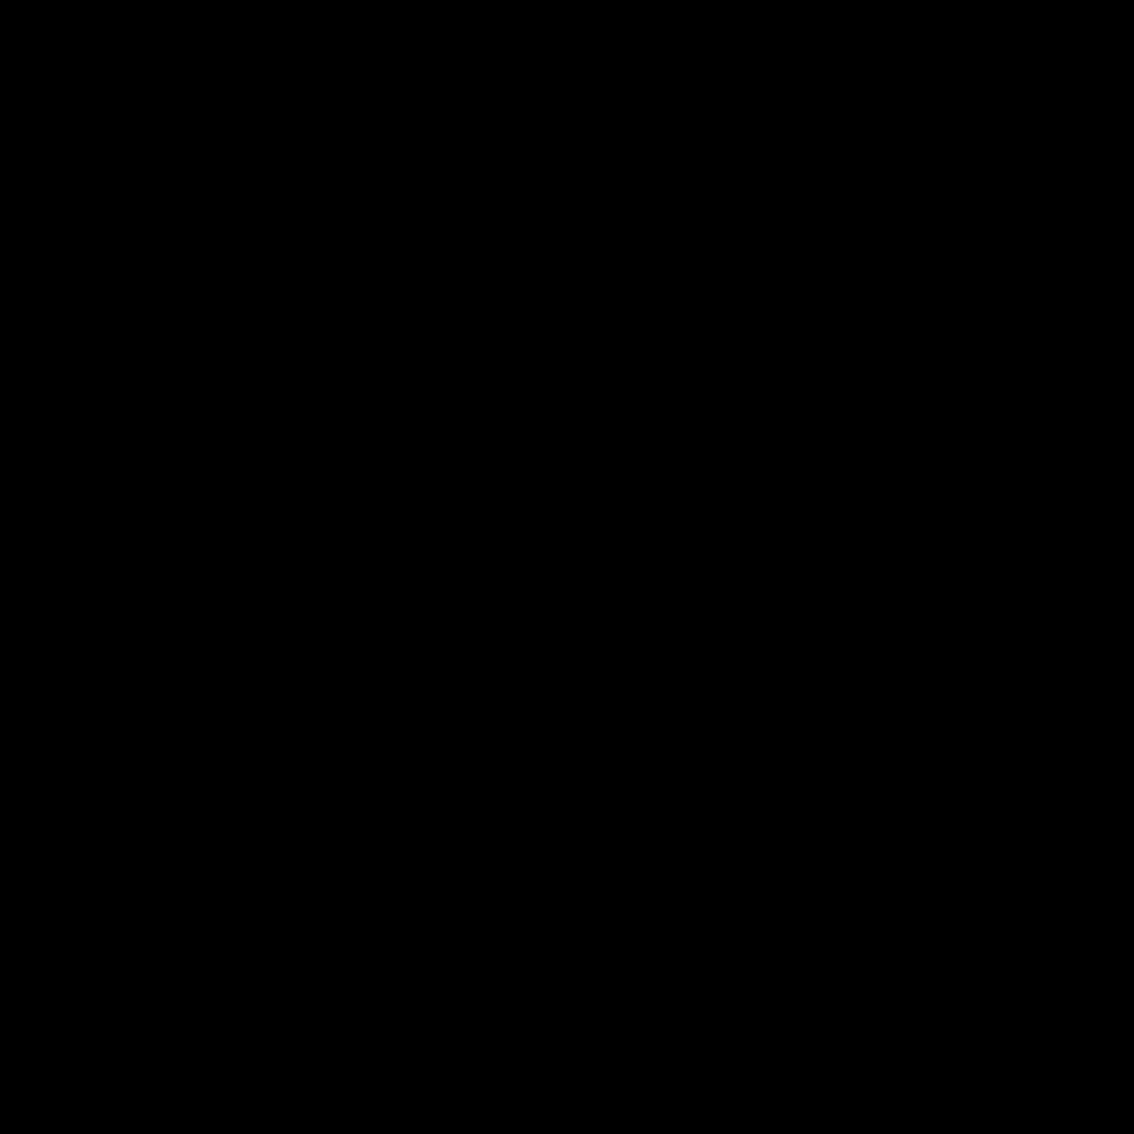 10_soledad-miranda-retrato